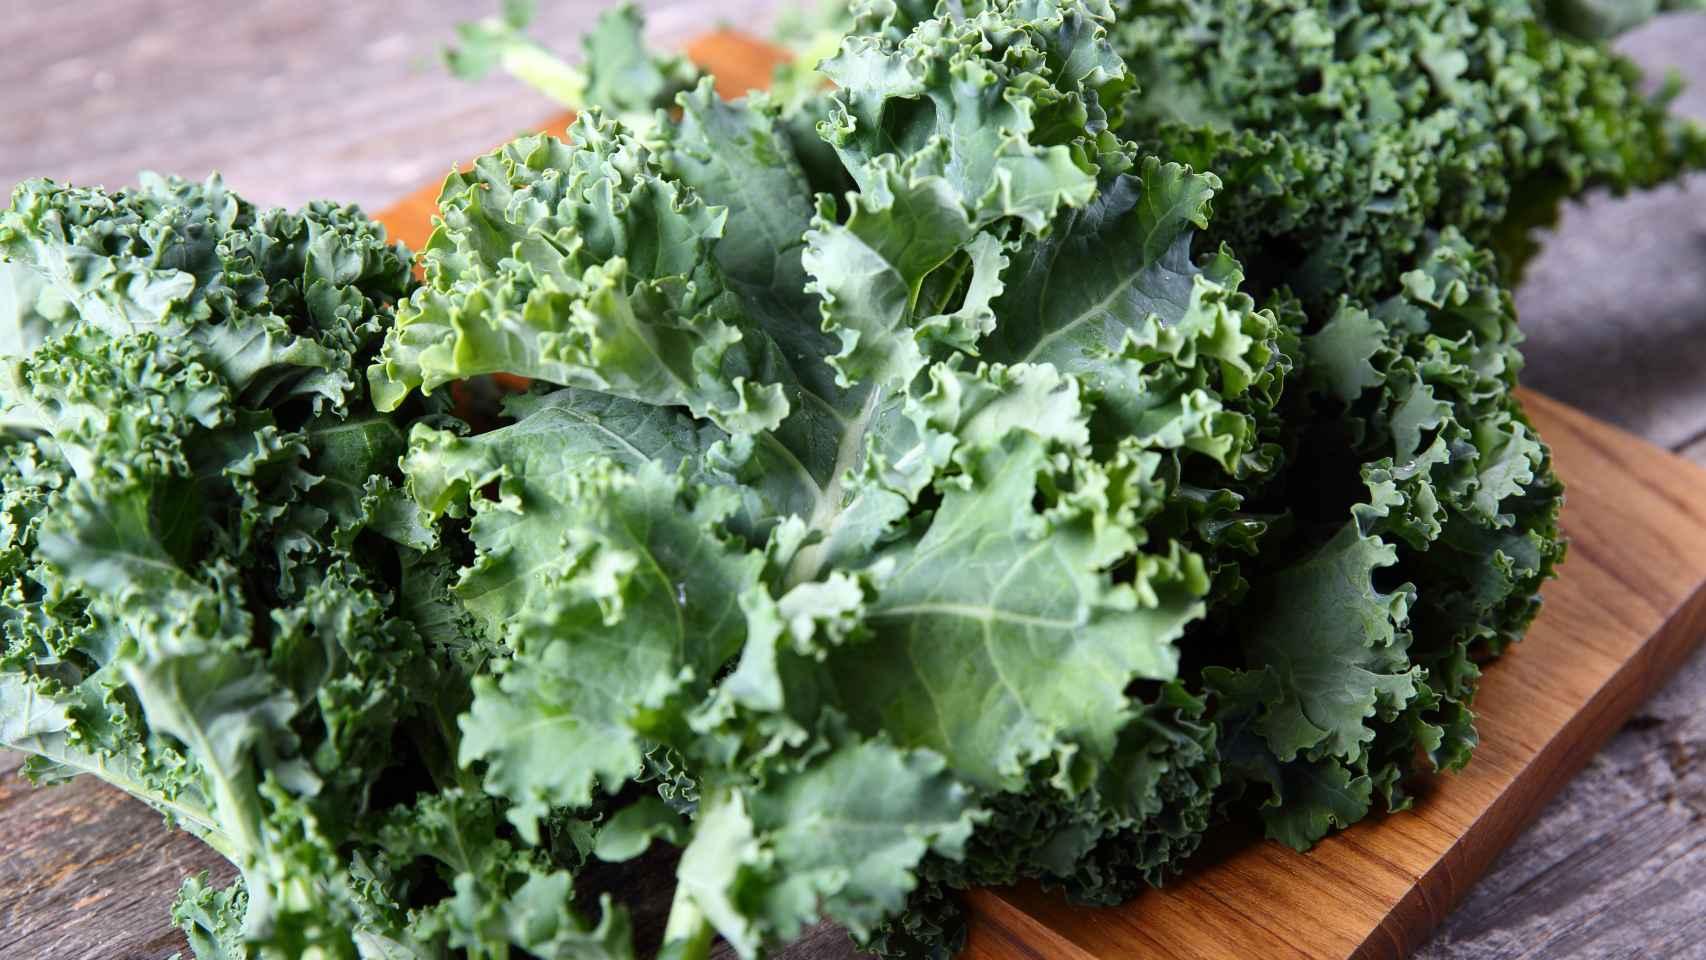 Unas hojas de kale, o col rizada.